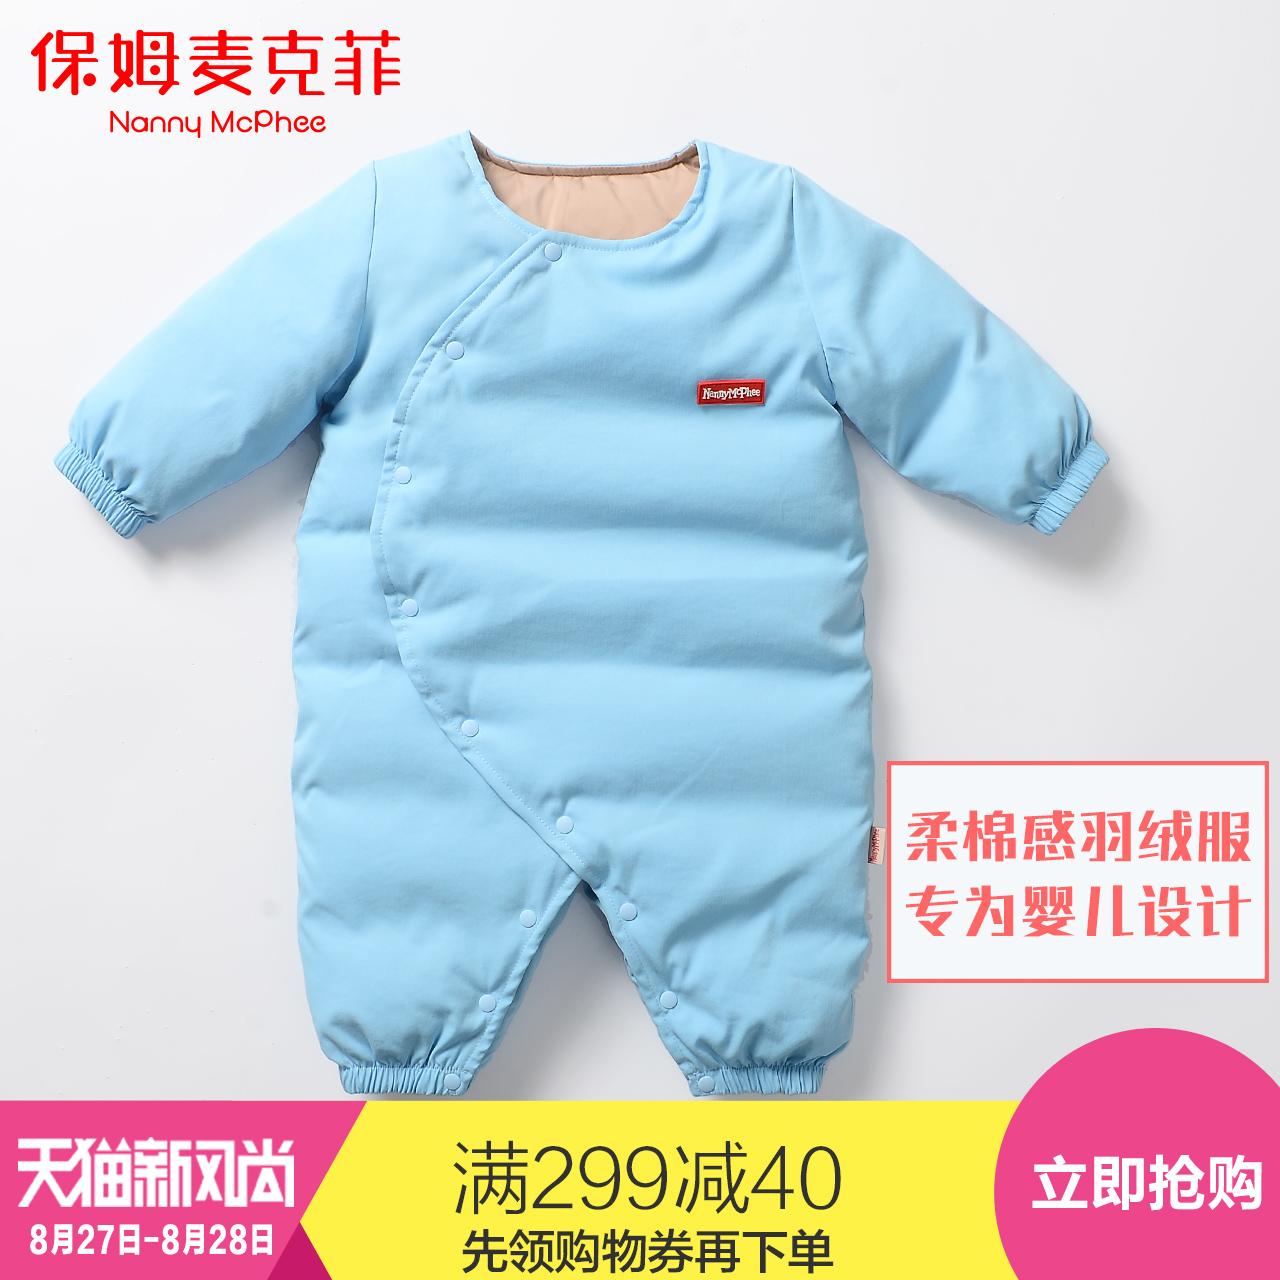 Страхование гувернантка майк филиппины ребенок вниз сиамский одежда ребенок куртка зима из одежда спальный мешок держать одежда